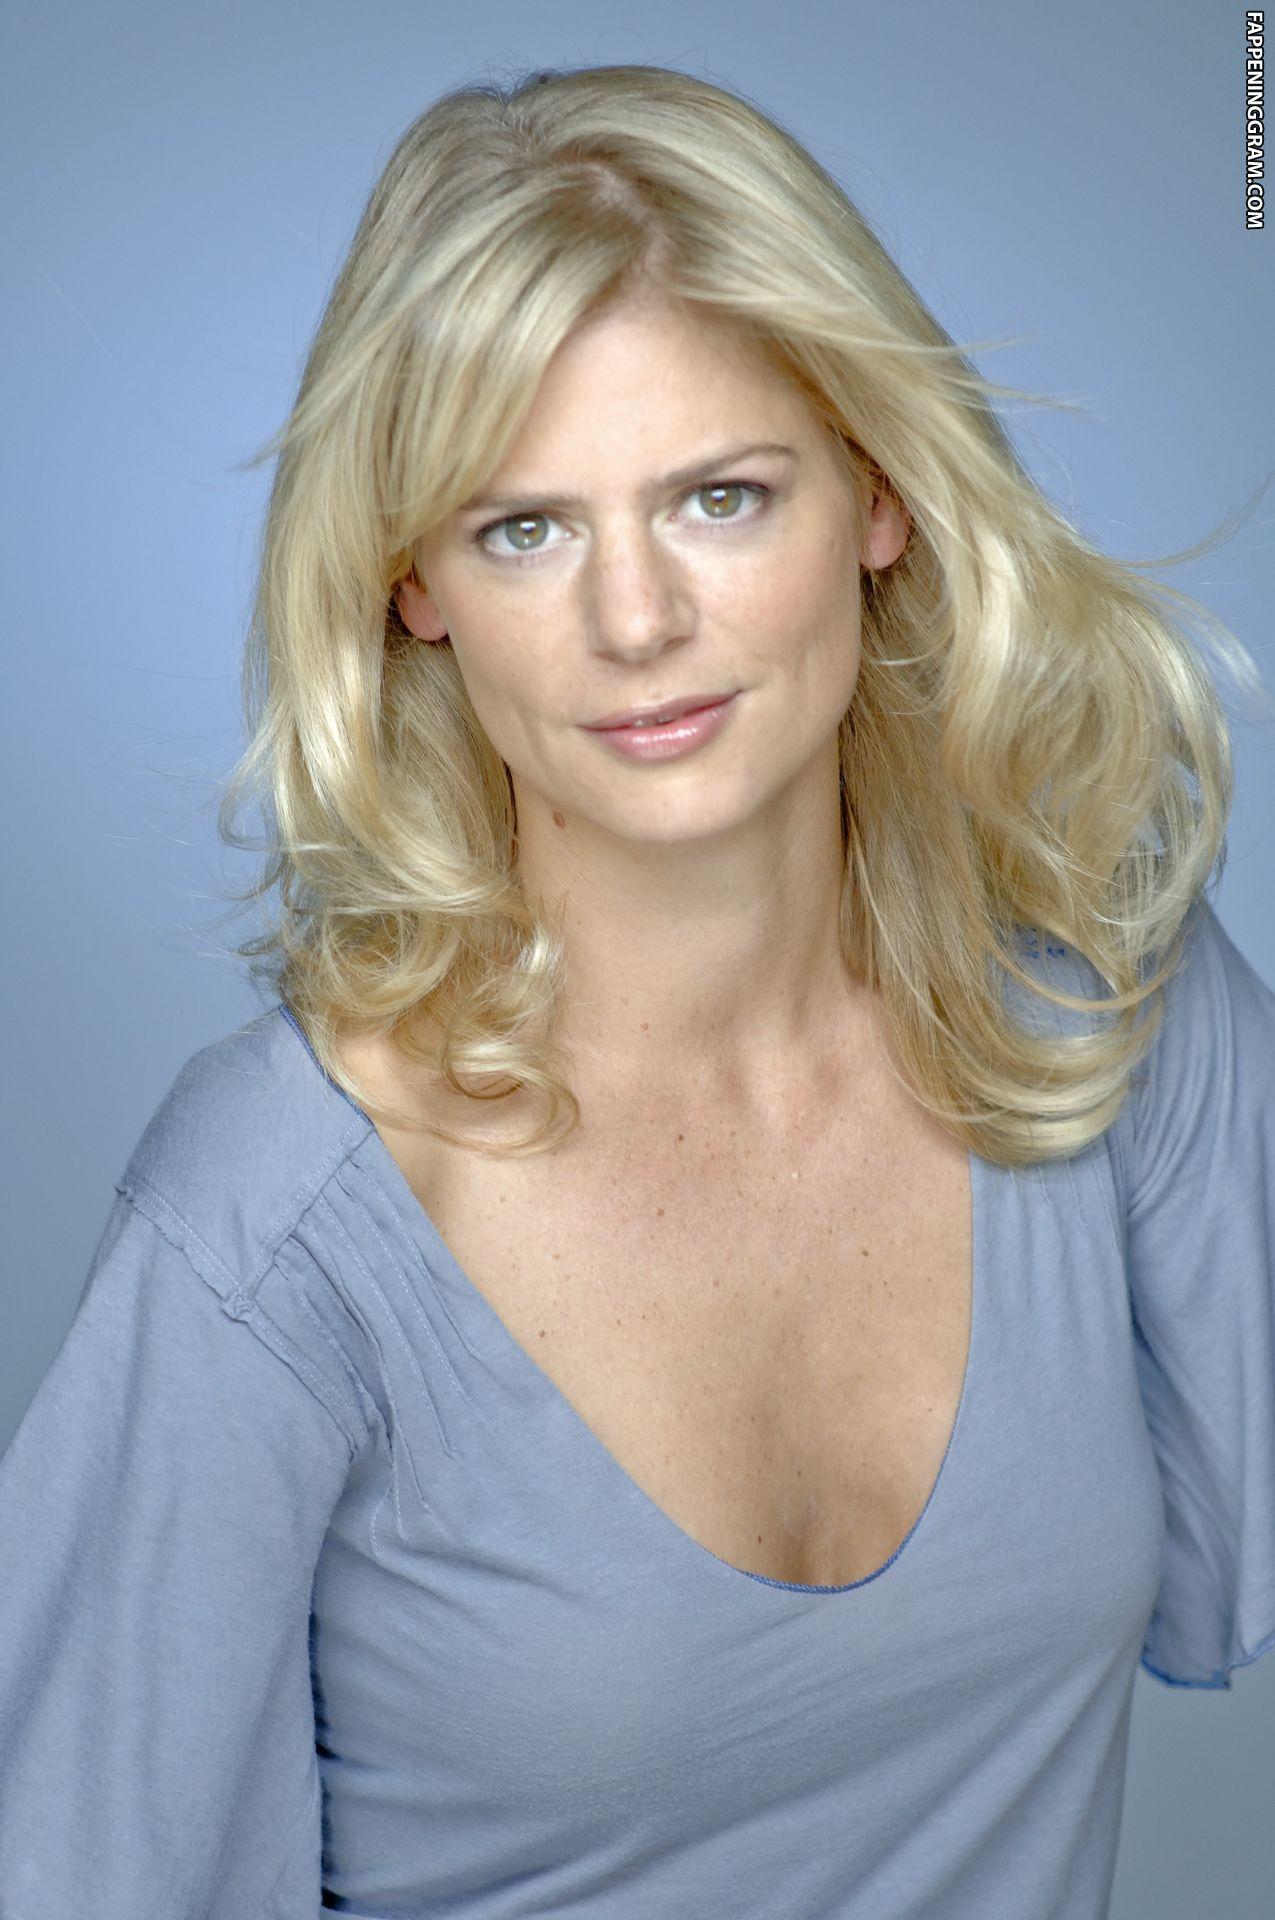 Nackt  Ingrid Mareski 62 Ingrid